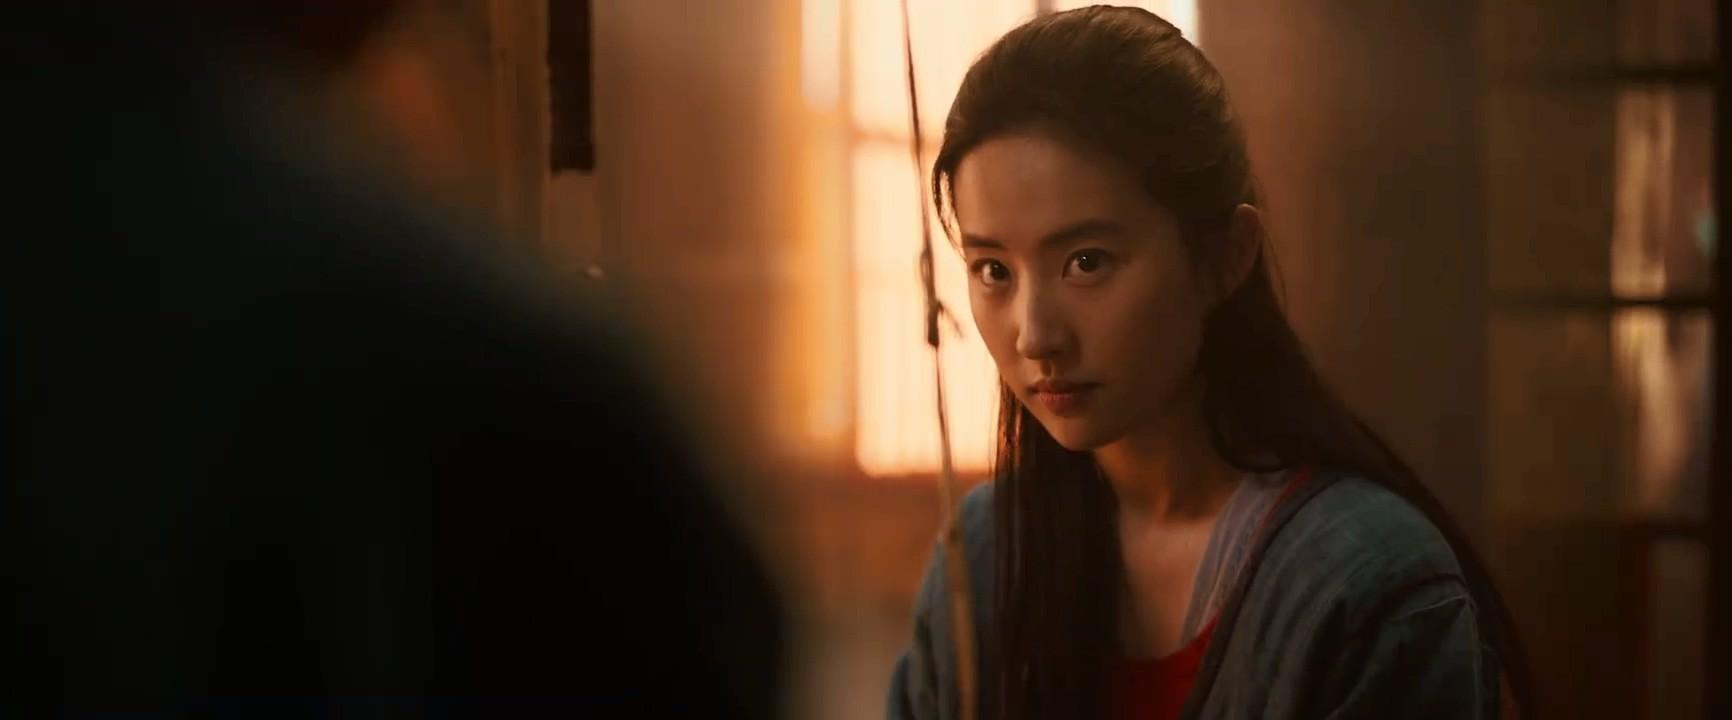 《花木兰》电影最新预告公开 刘亦菲巩俐同台飚戏